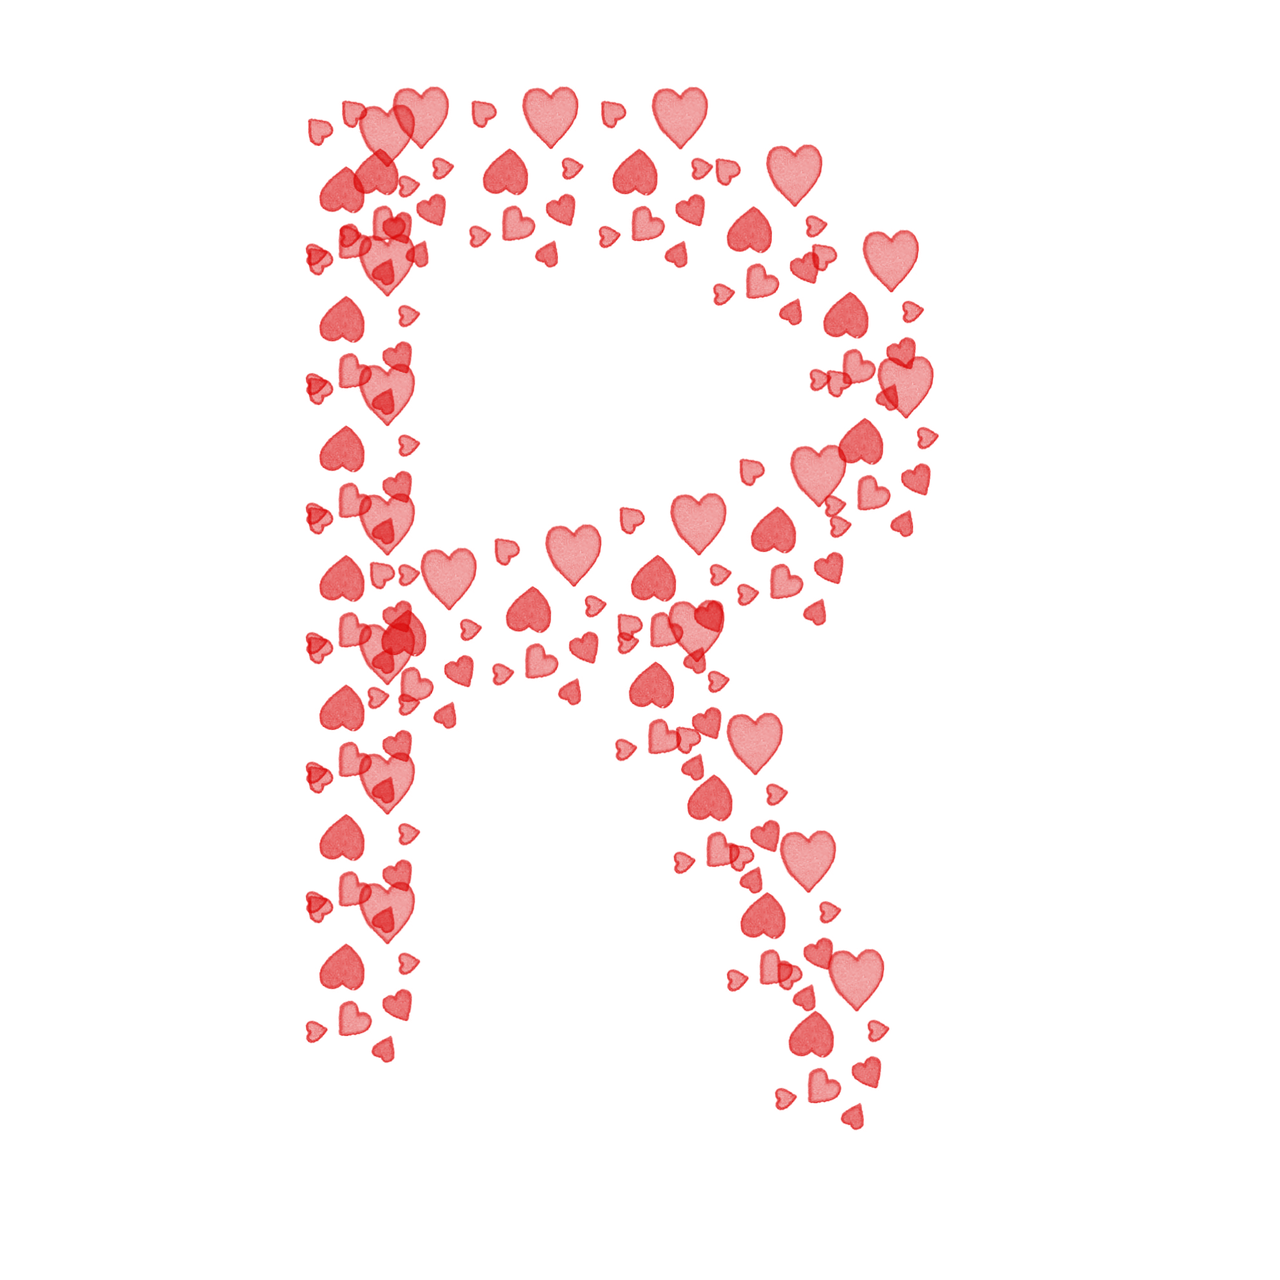 wedding hearts heart love feeling letter wedding hearts heart love feeling letter